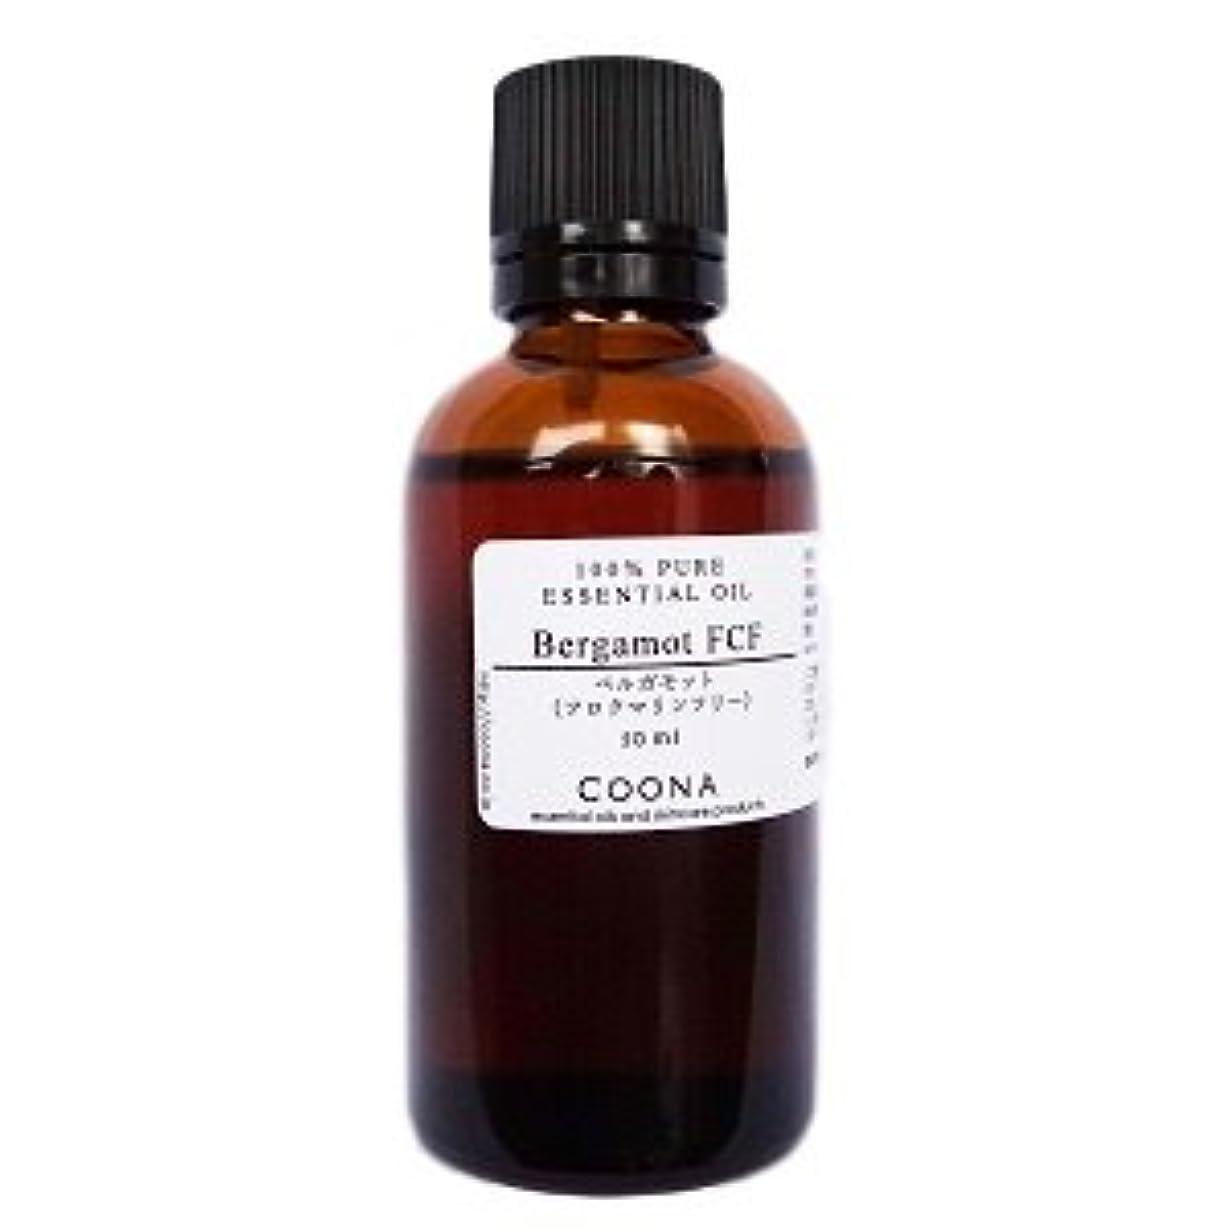 ガロンサリー退却ベルガモット FCF 50 ml (COONA エッセンシャルオイル アロマオイル 100% 天然植物精油)